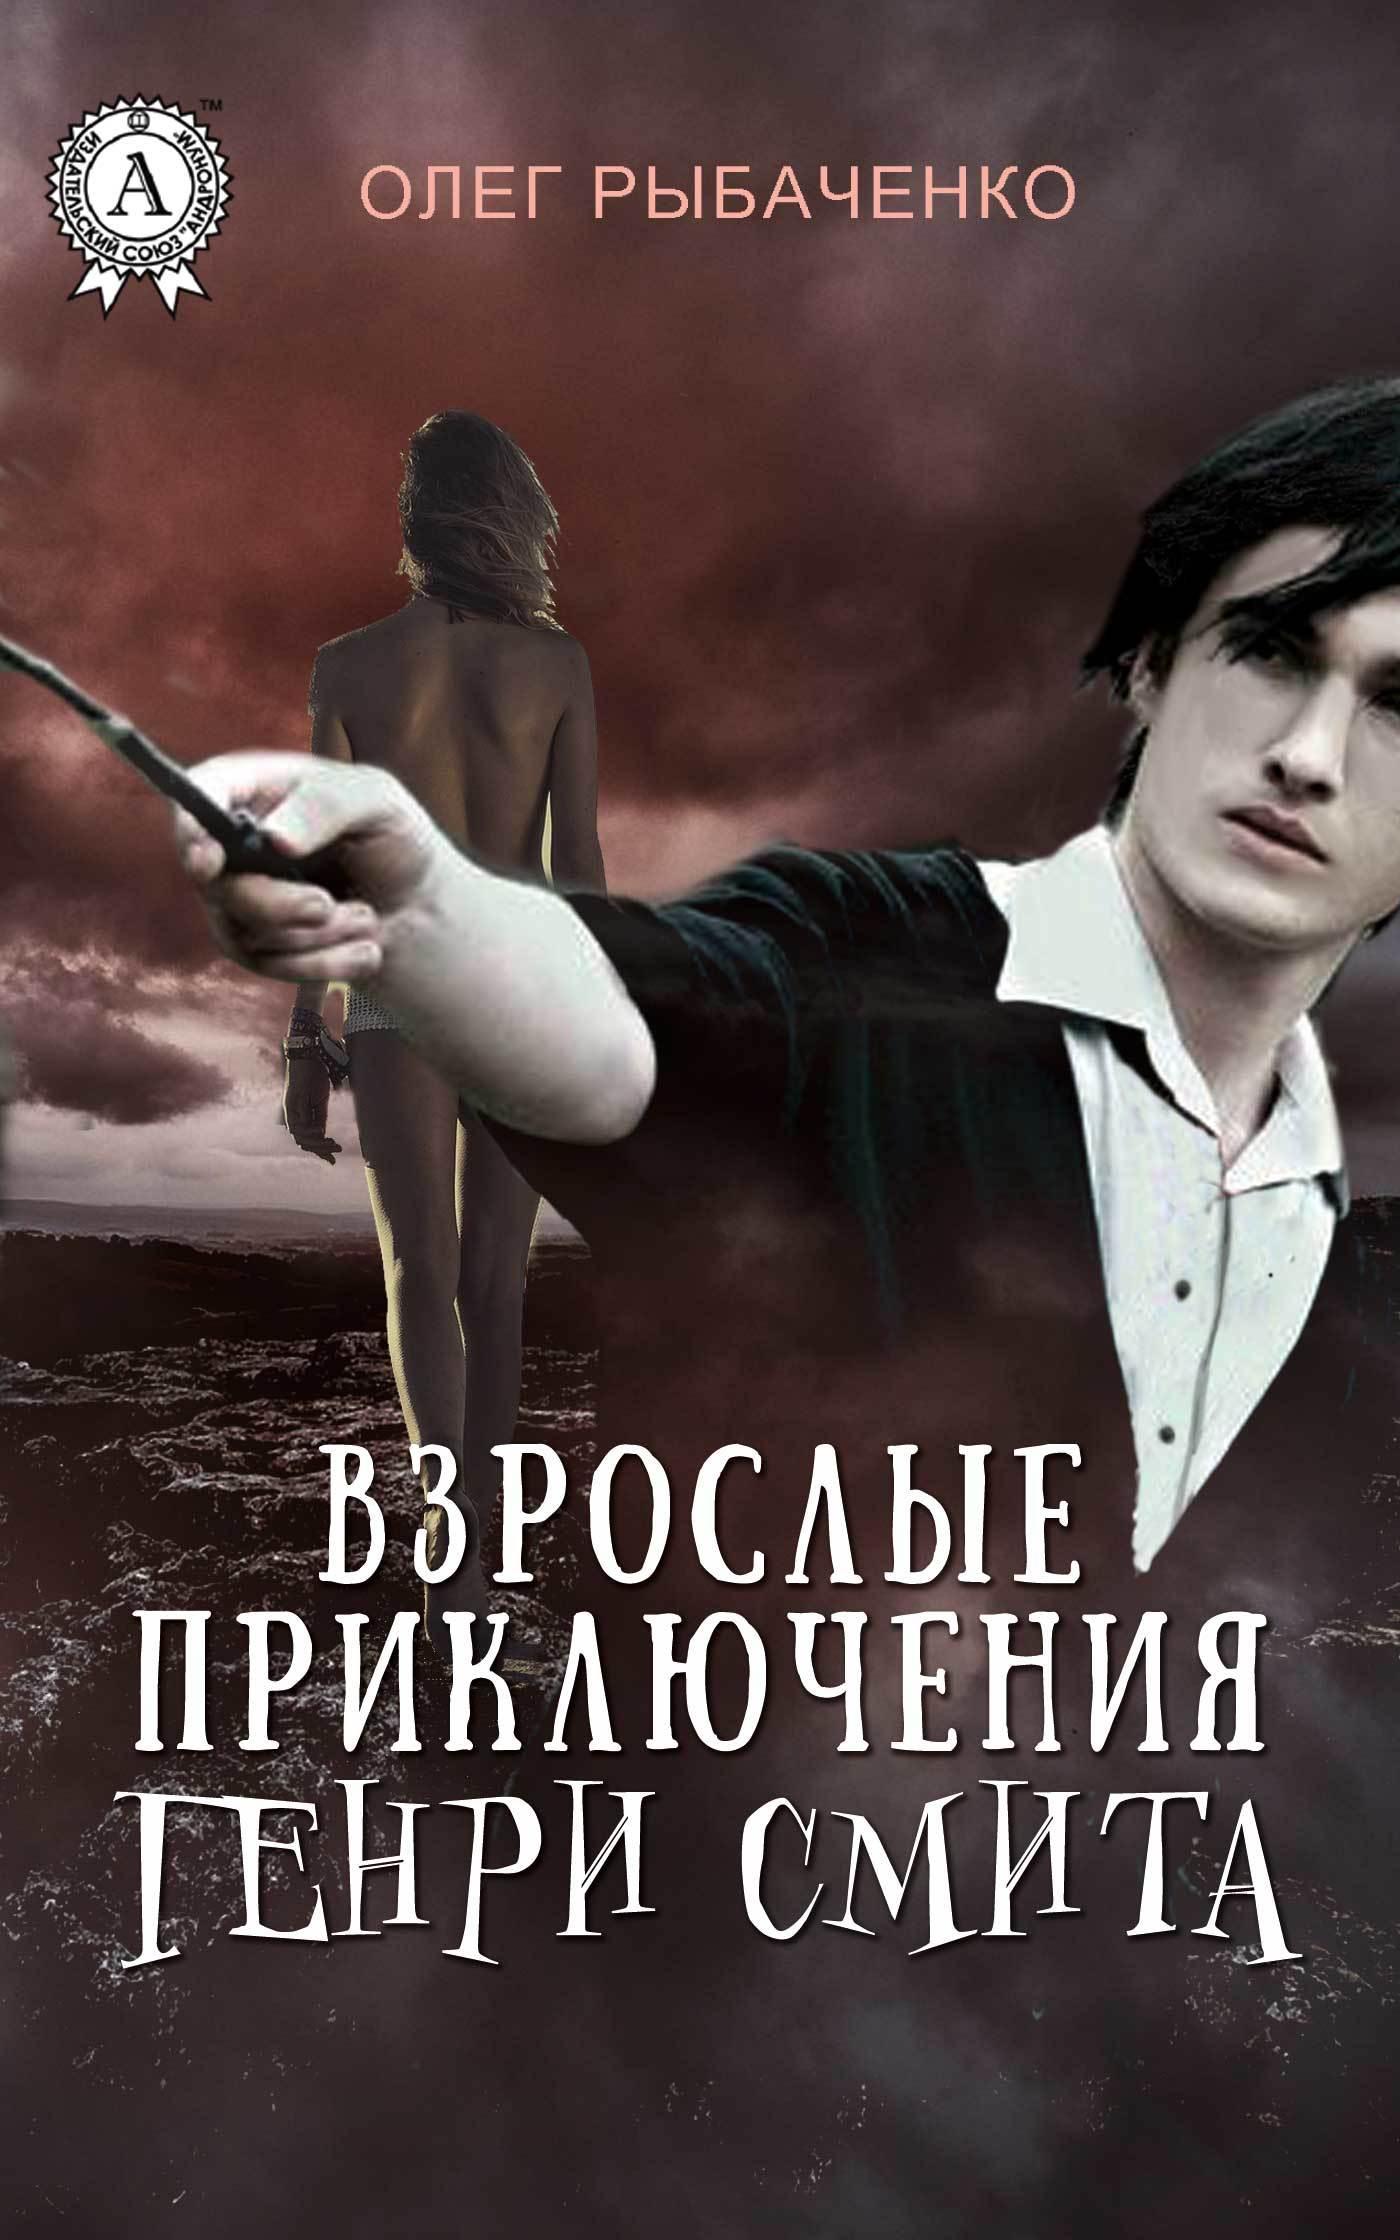 Олег Рыбаченко. Взрослые приключения Генри Смита